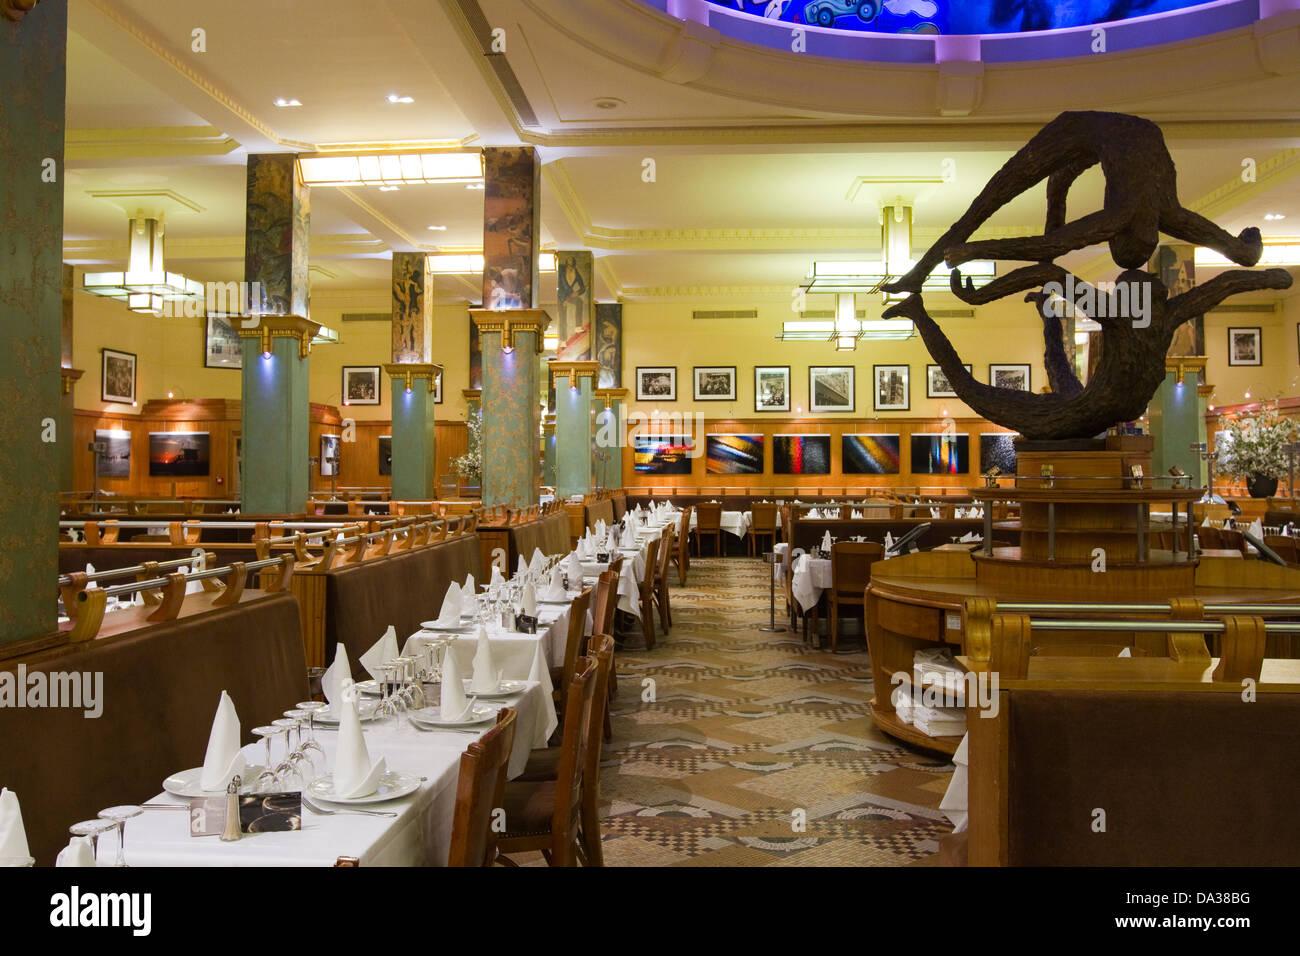 Art deco style la coupole restaurant in montparnasse paris france